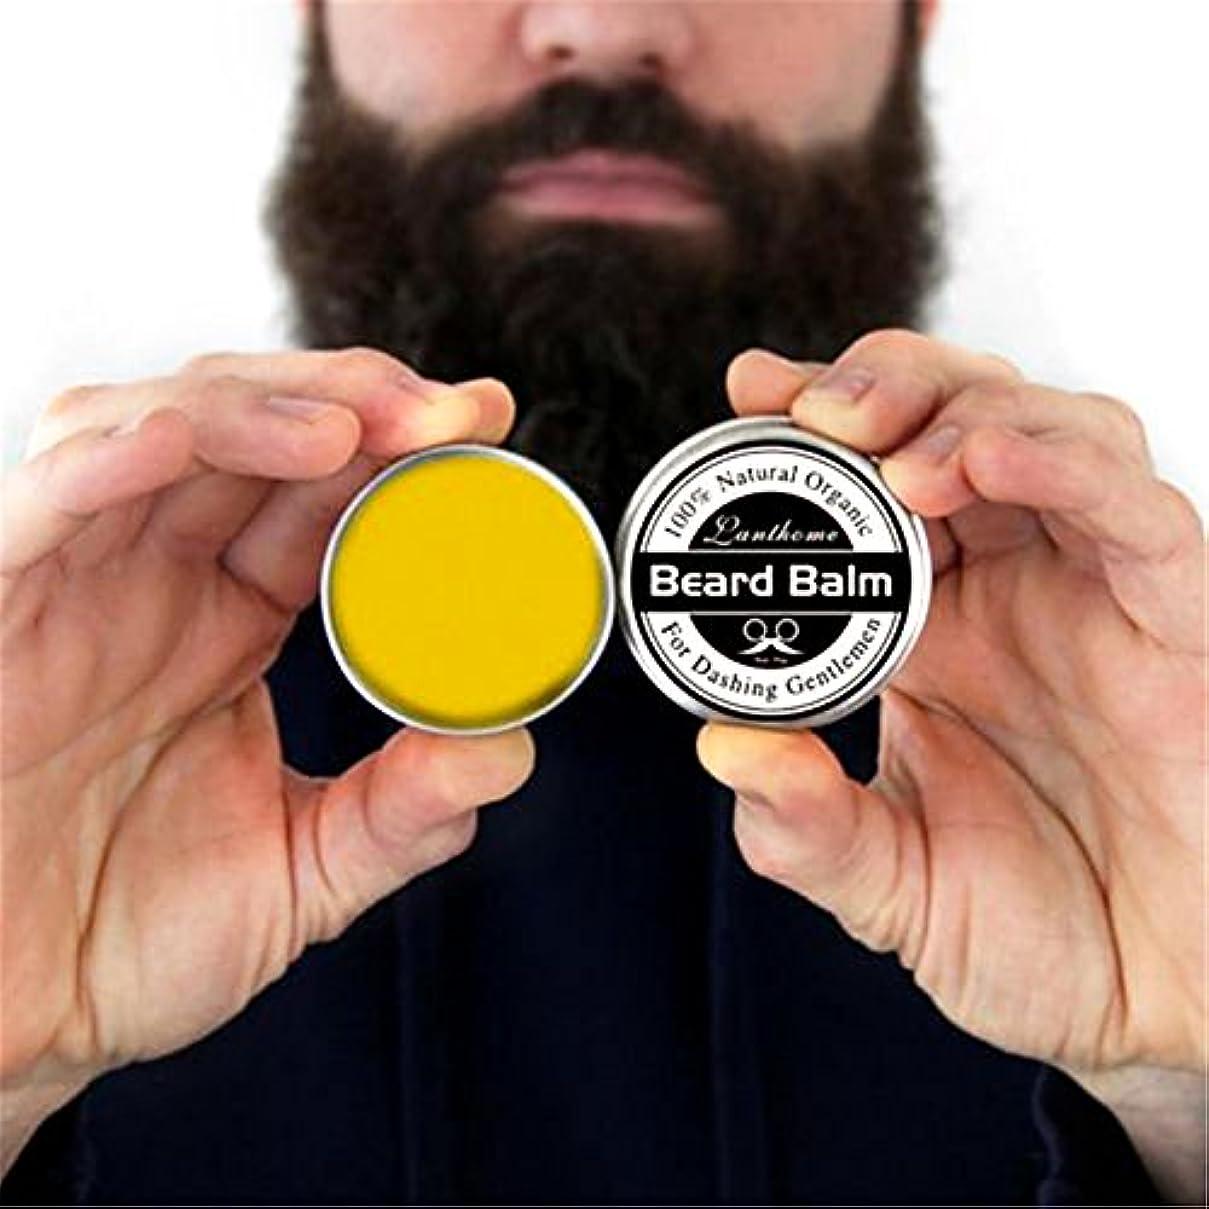 努力する信頼すりRuier-tong ビアードバーム メンズひげワックス 口髭用ワックス ひげクリーム 保湿/滋養/ひげ根のケアなどの効果  ひげケア必需品 携帯便利